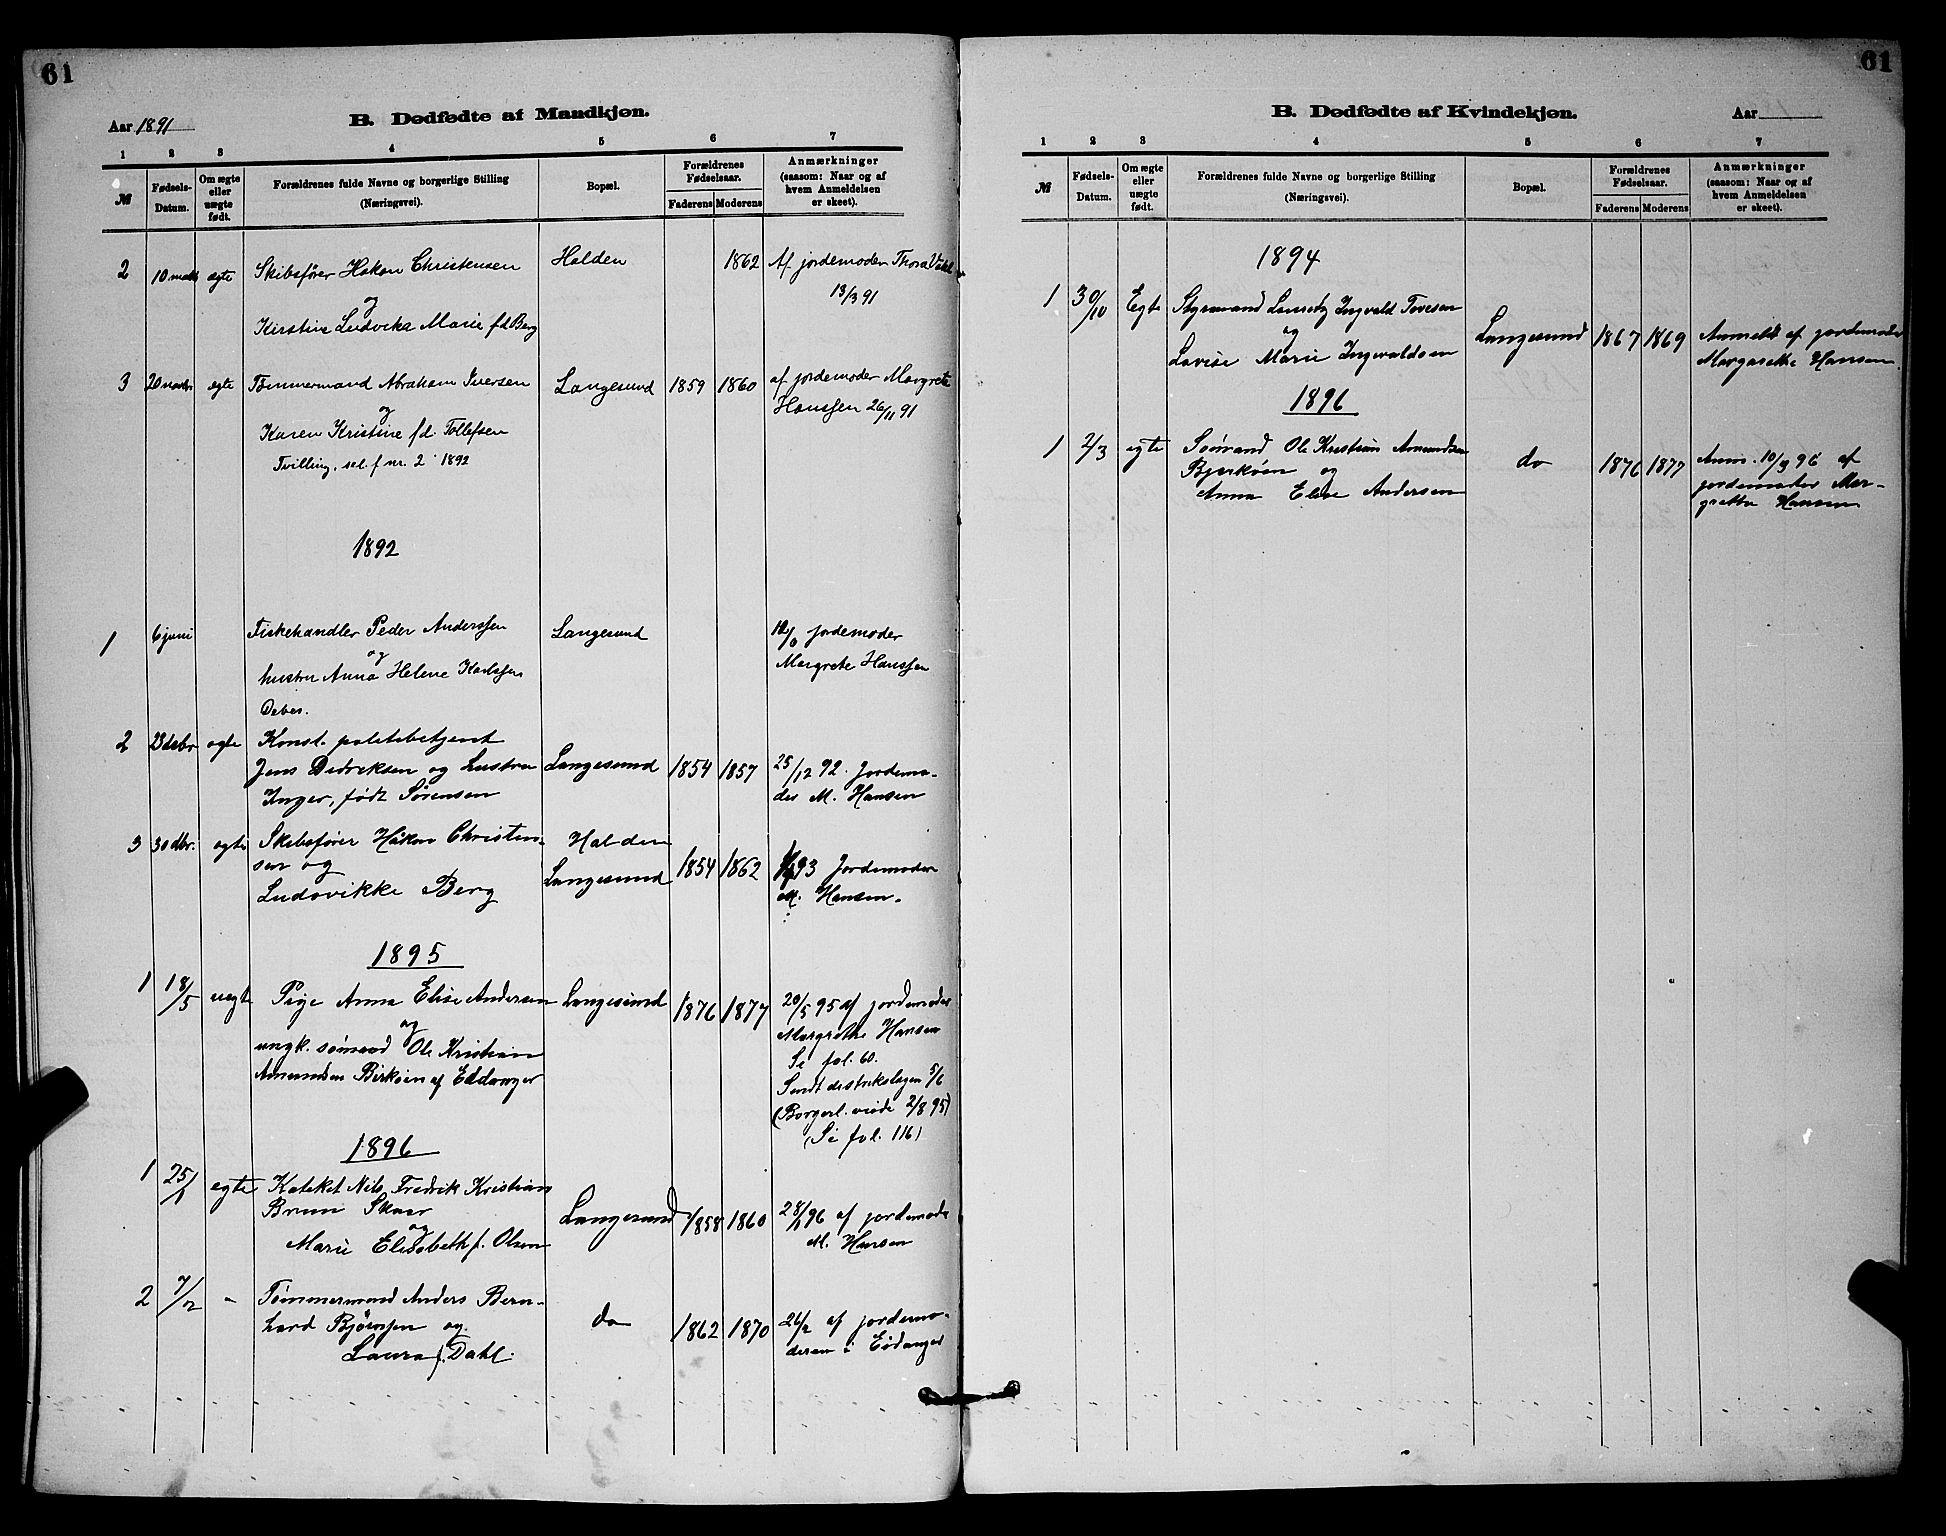 SAKO, Langesund kirkebøker, G/Ga/L0005: Klokkerbok nr. 5, 1884-1898, s. 61